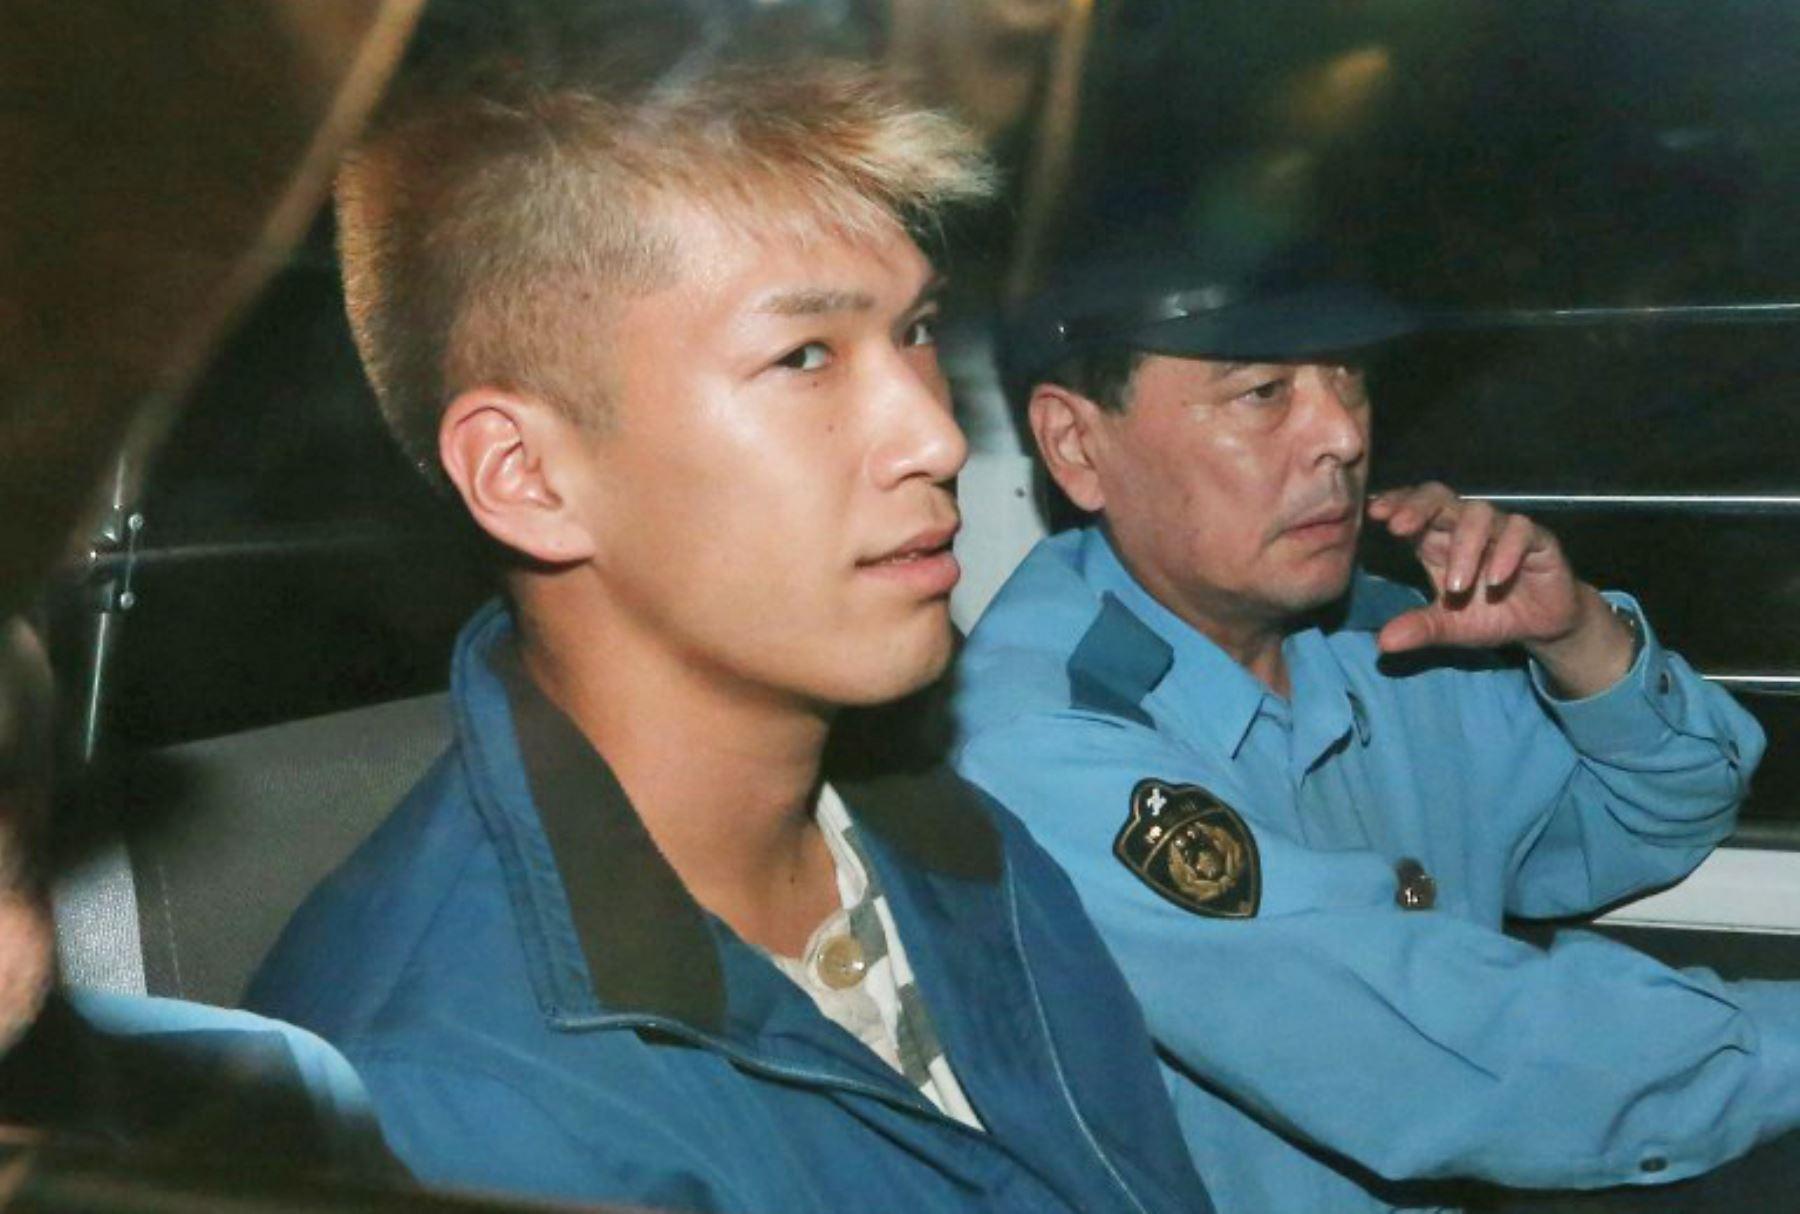 Sospechoso de asesinato Satoshi Uematsu es trasladado por la policía Tsukui en Sagamihara, Japón. Foto: AFP